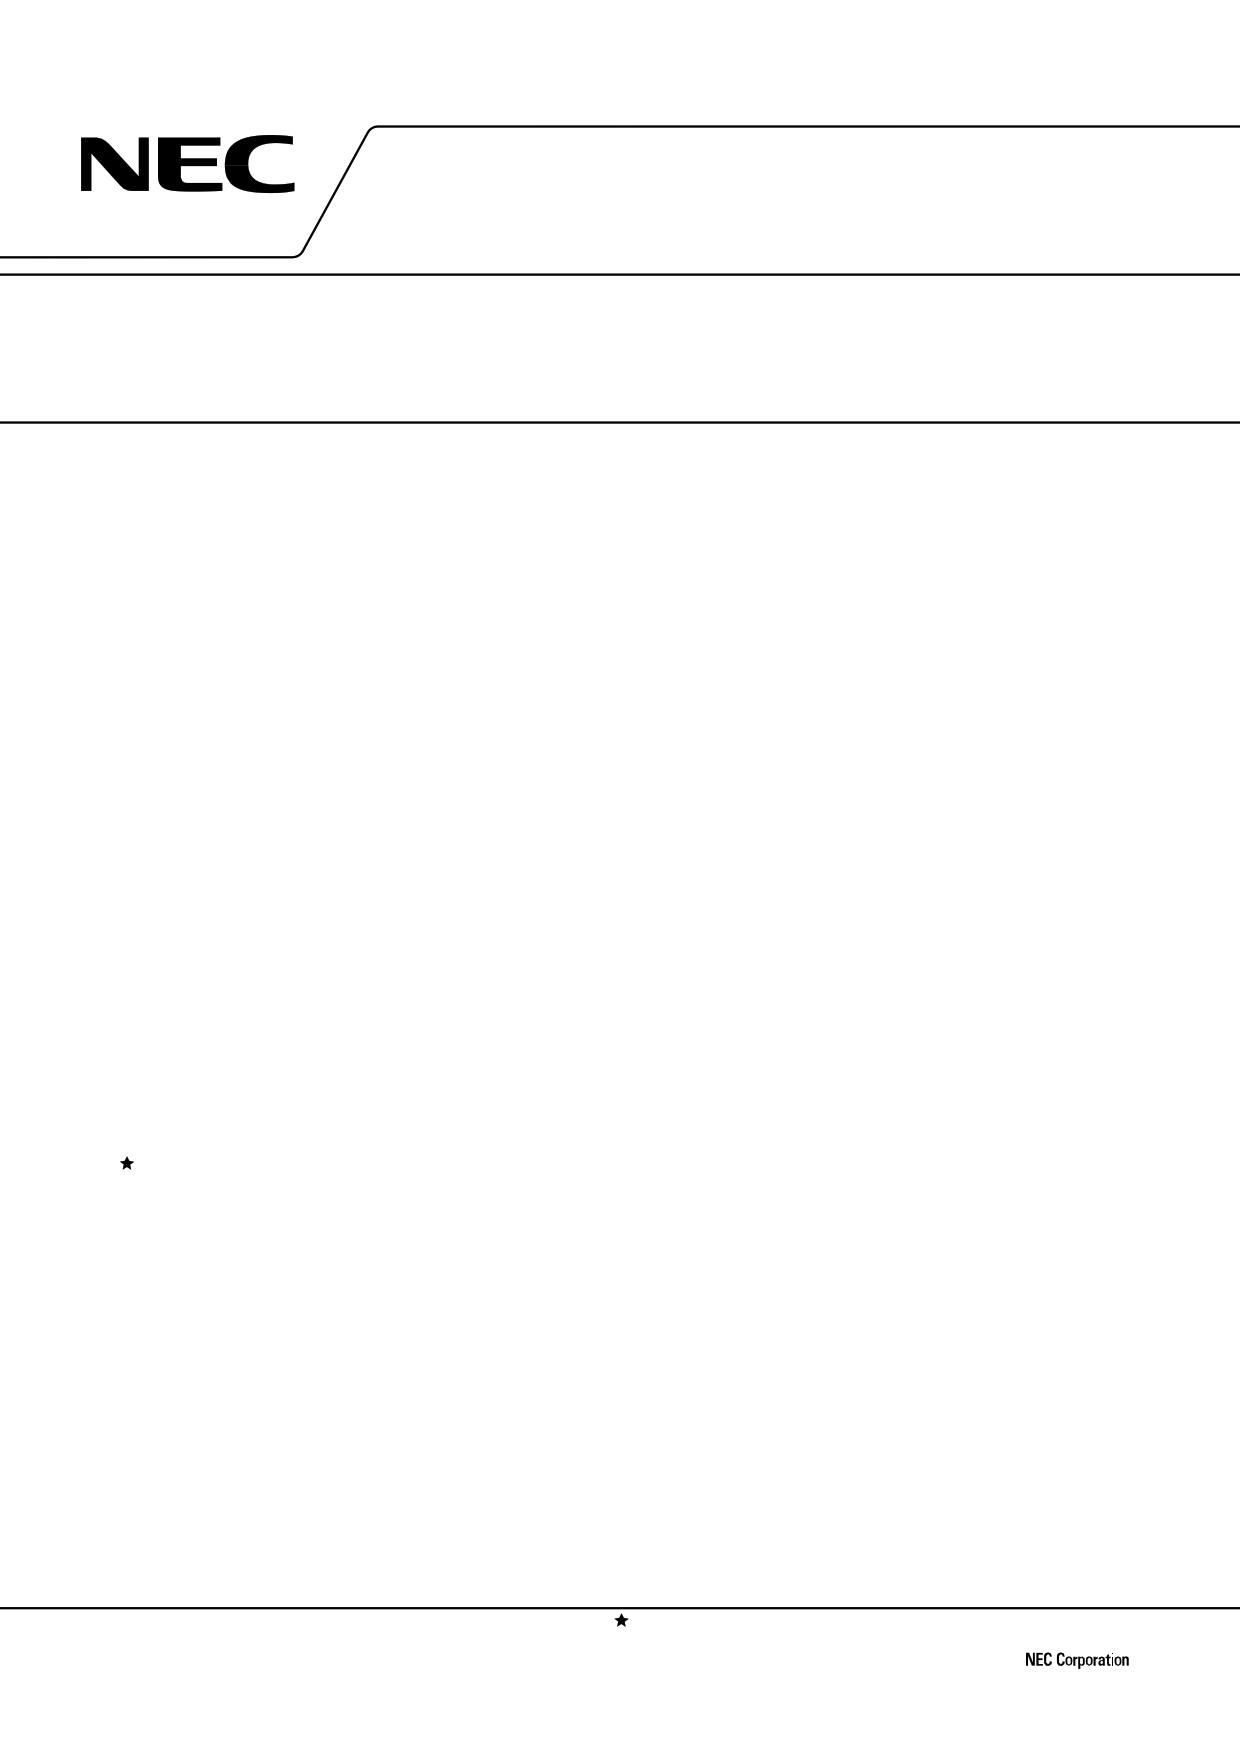 D78F9177 datasheet pinout